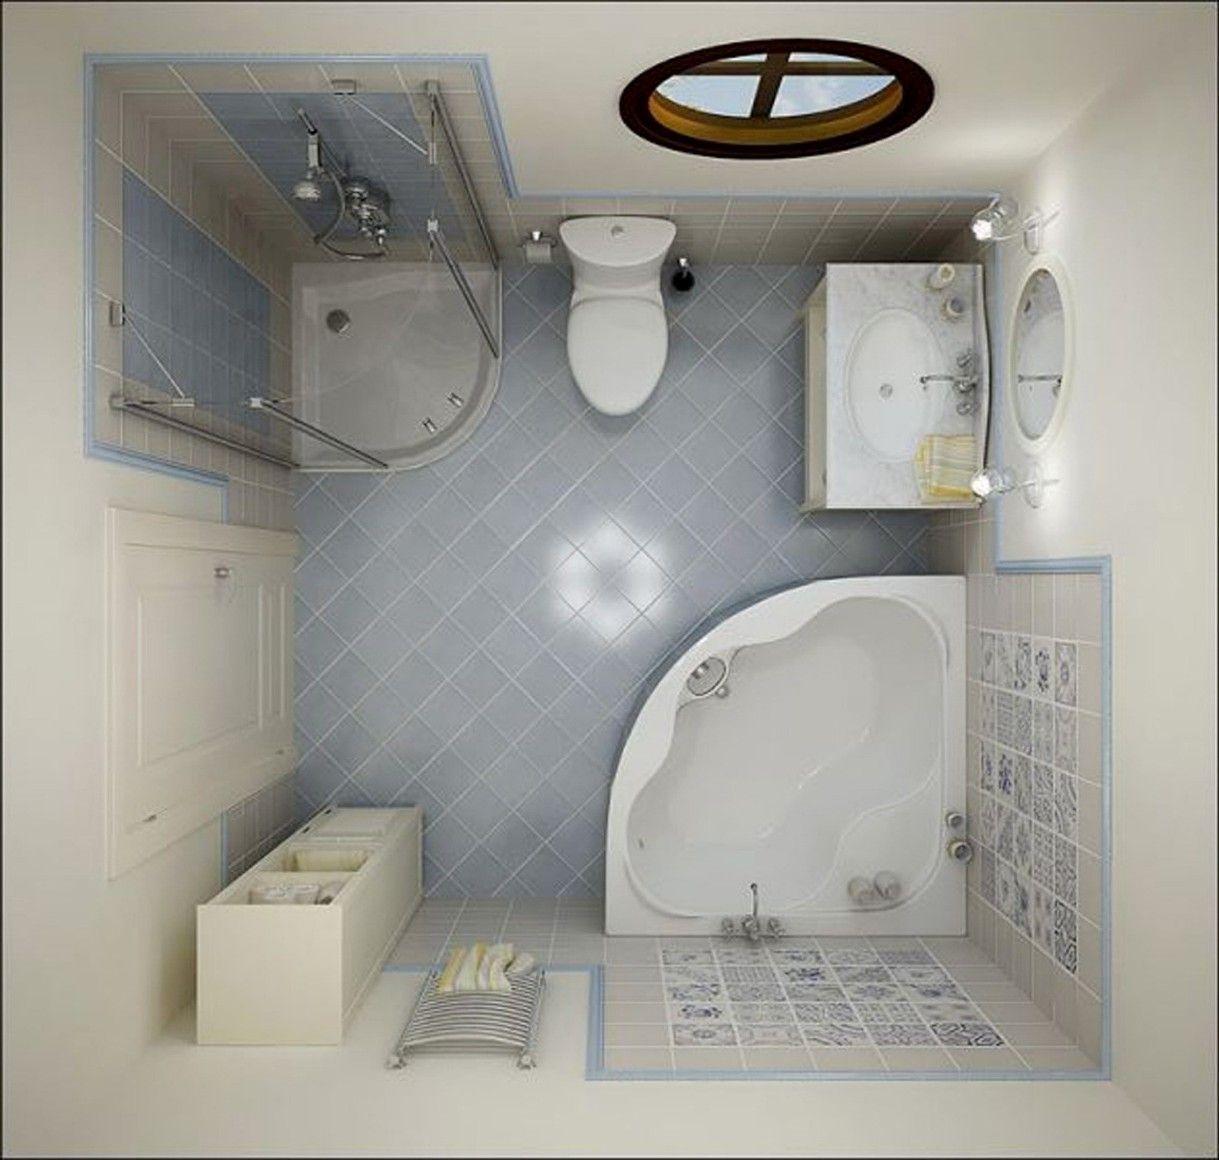 Medium Square Bathroom Design Bathroomdesignsmall Bathroom Design Layout Medium Bathroom Ideas Bathroom Layout